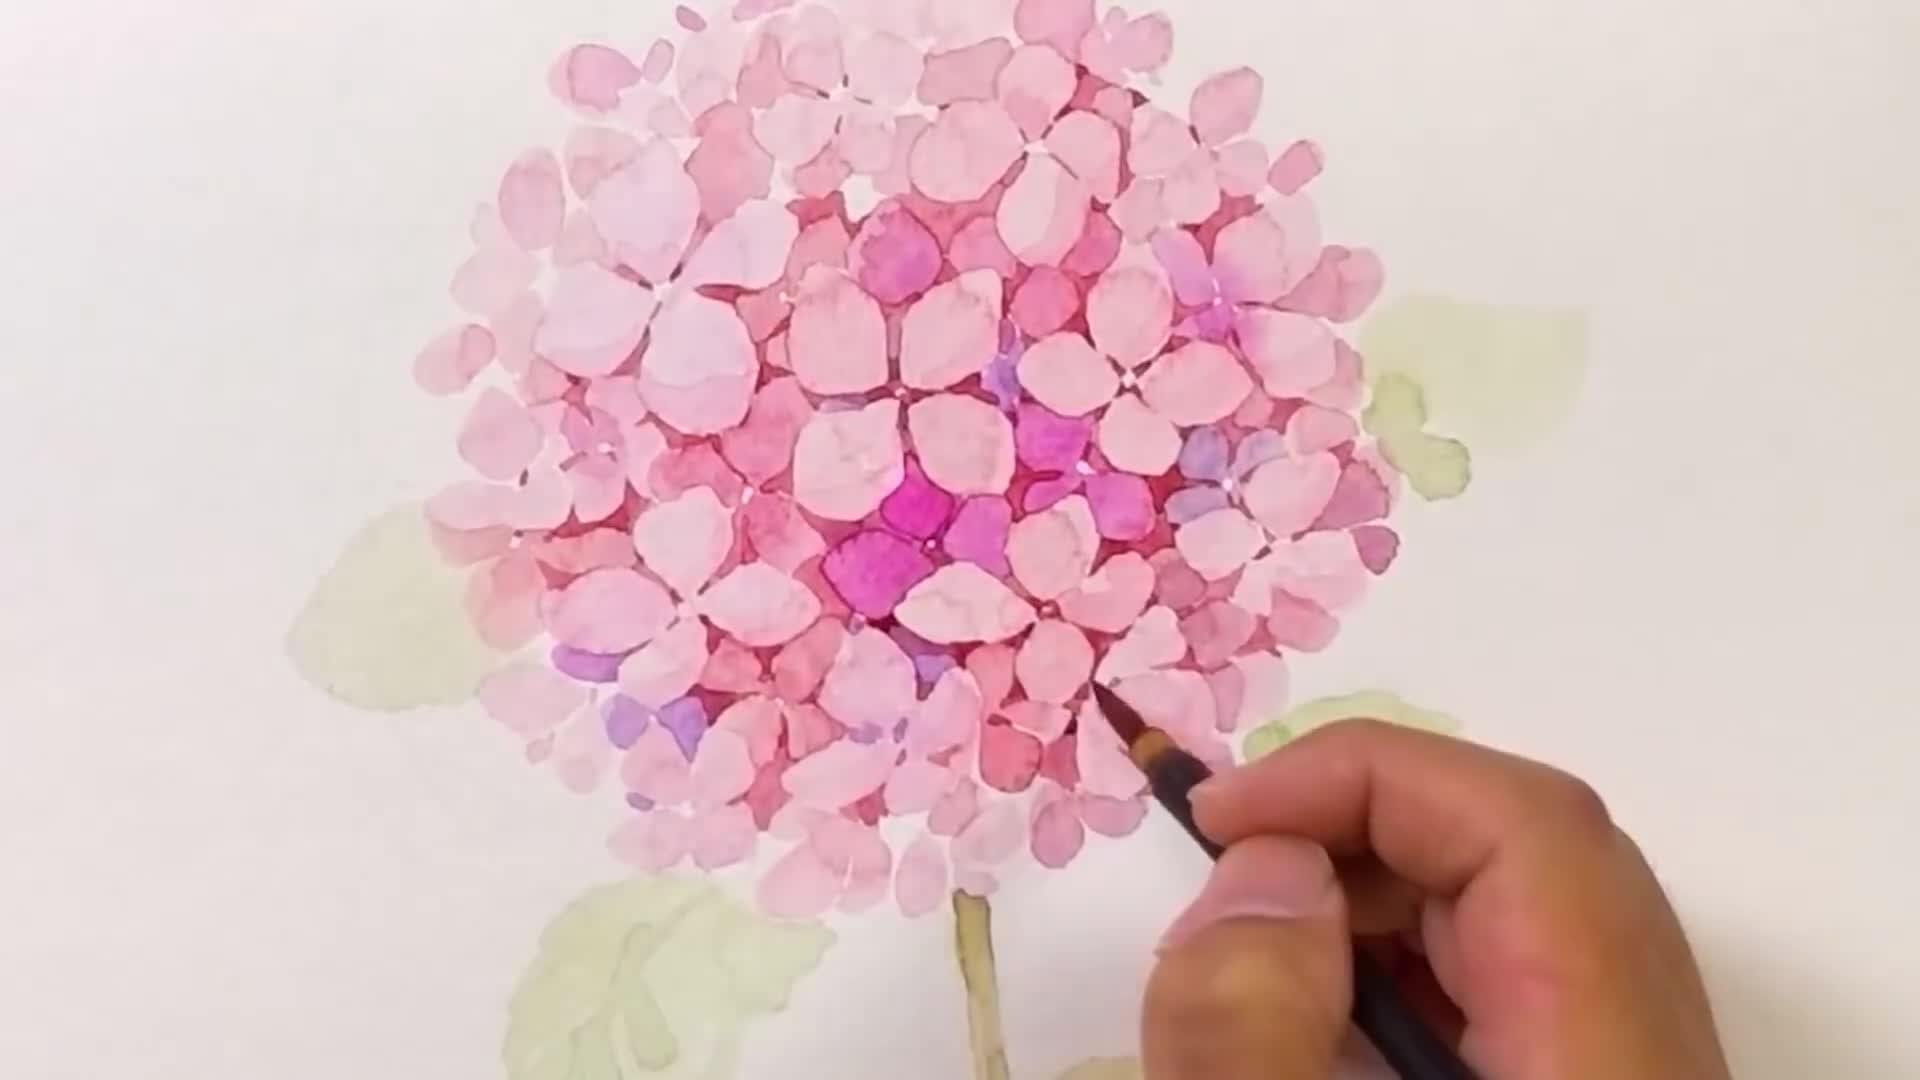 绘画视频教程:手绘梦幻而逼真的绣球花